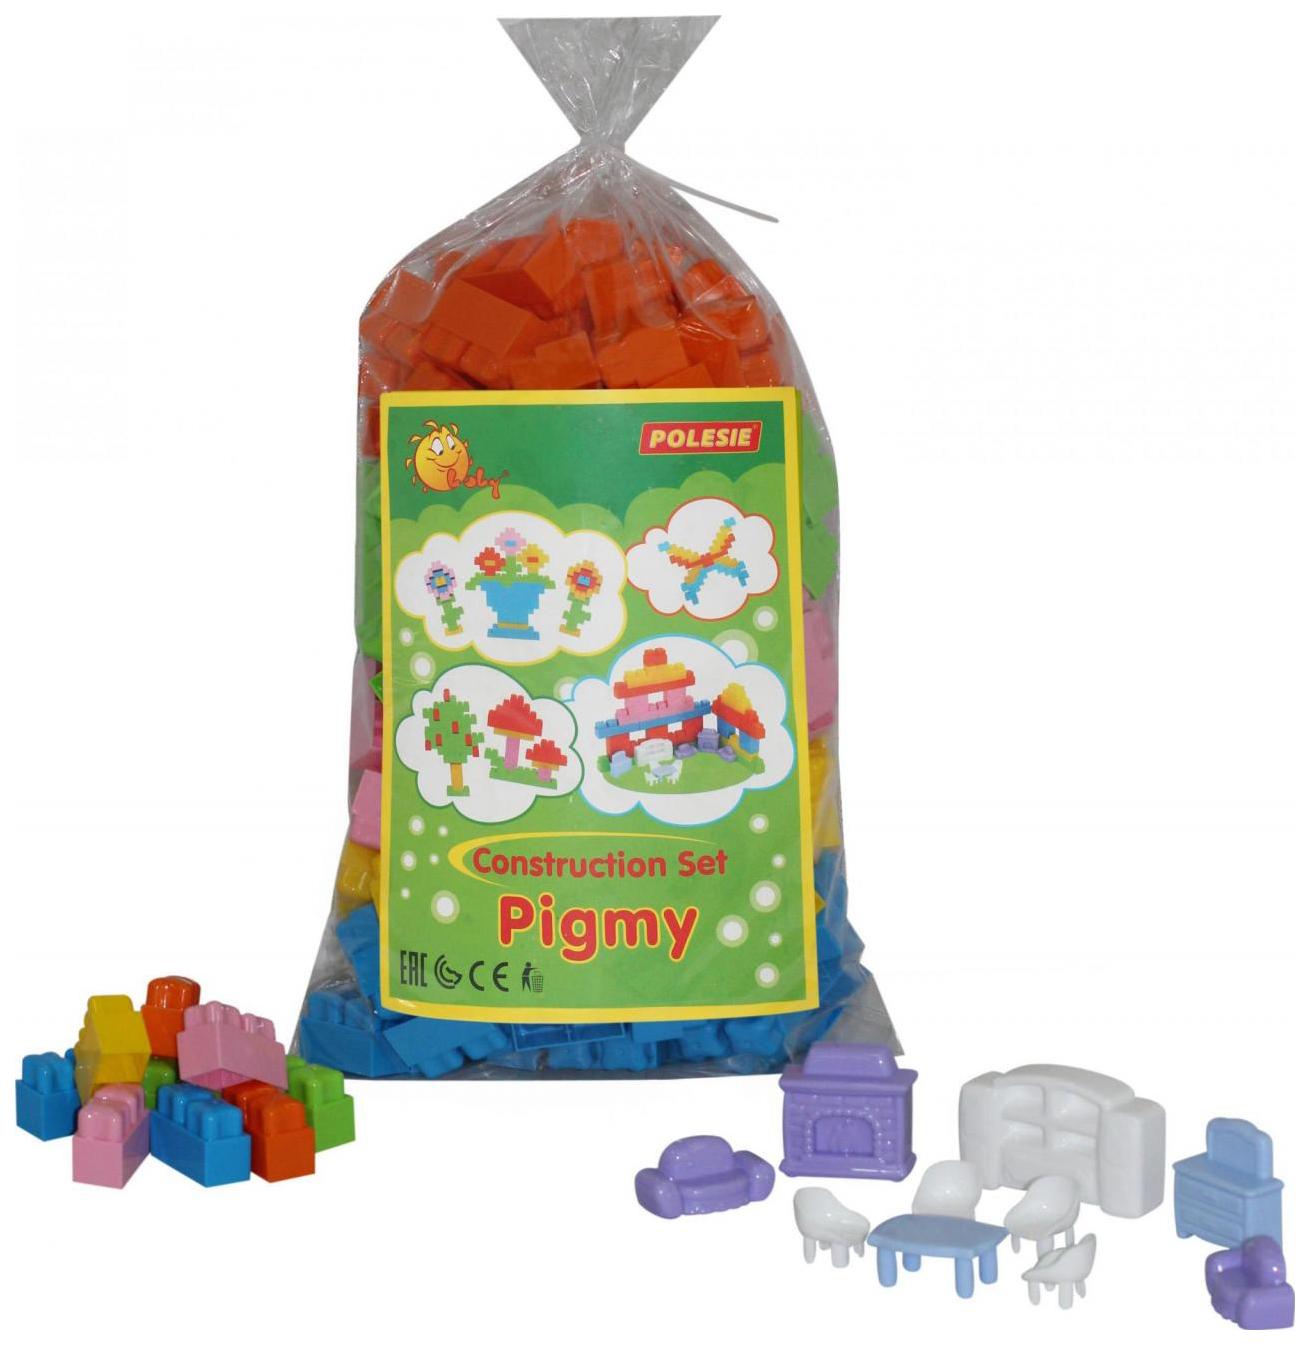 Купить Игрушки, Конструктор для малышей Полесье Малютка 195 элемента в пакете, Детские конструкторы